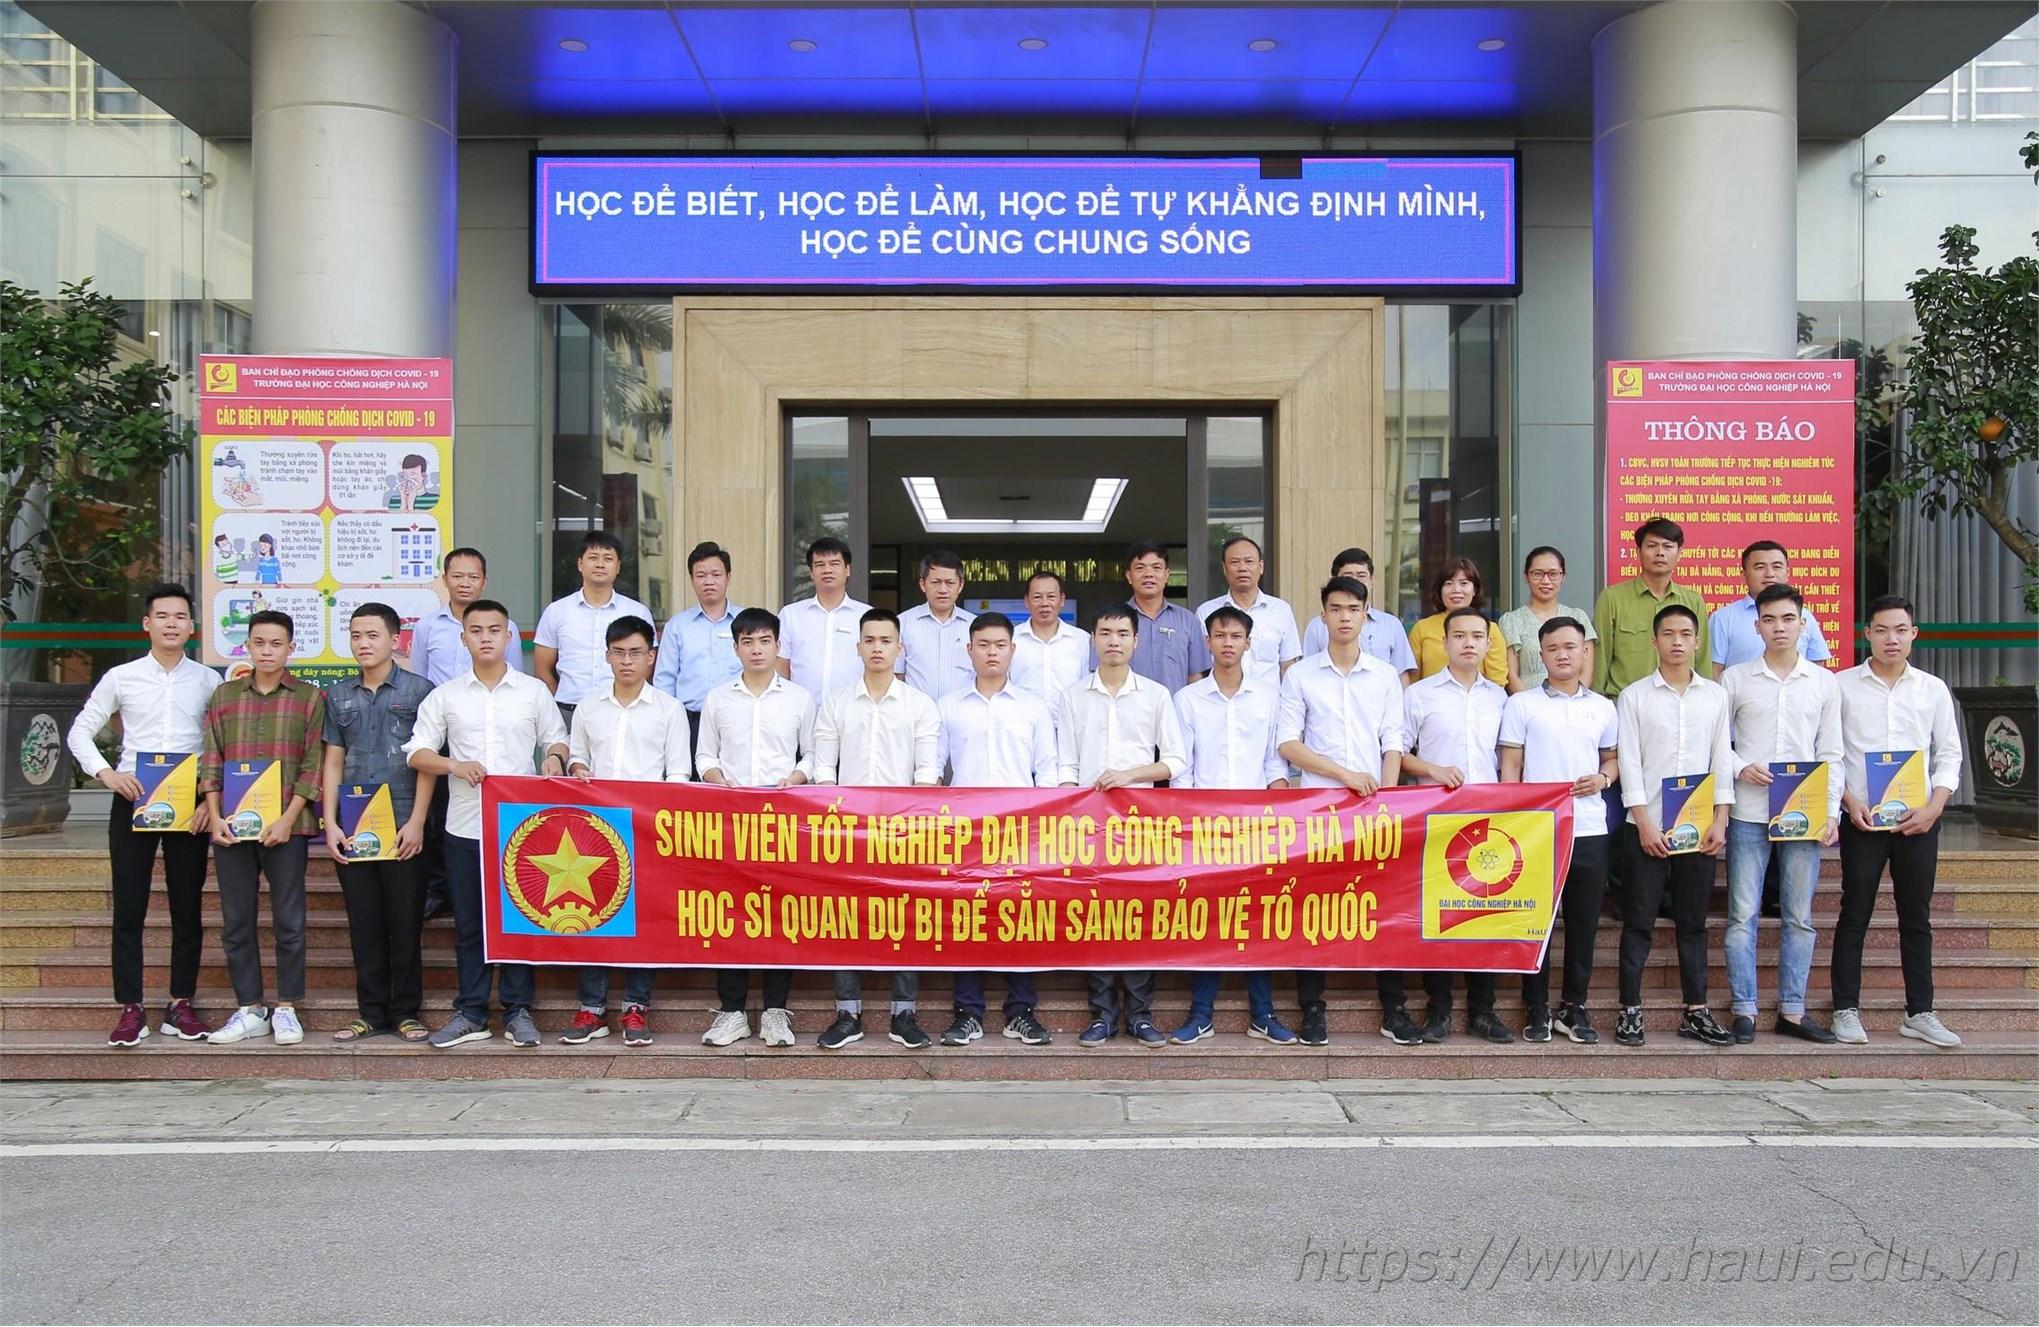 16 Tân kỹ sư Trường Đại học Công Nghiệp Hà Nội nhận quyết định đi sỹ quan dự bị năm 2020